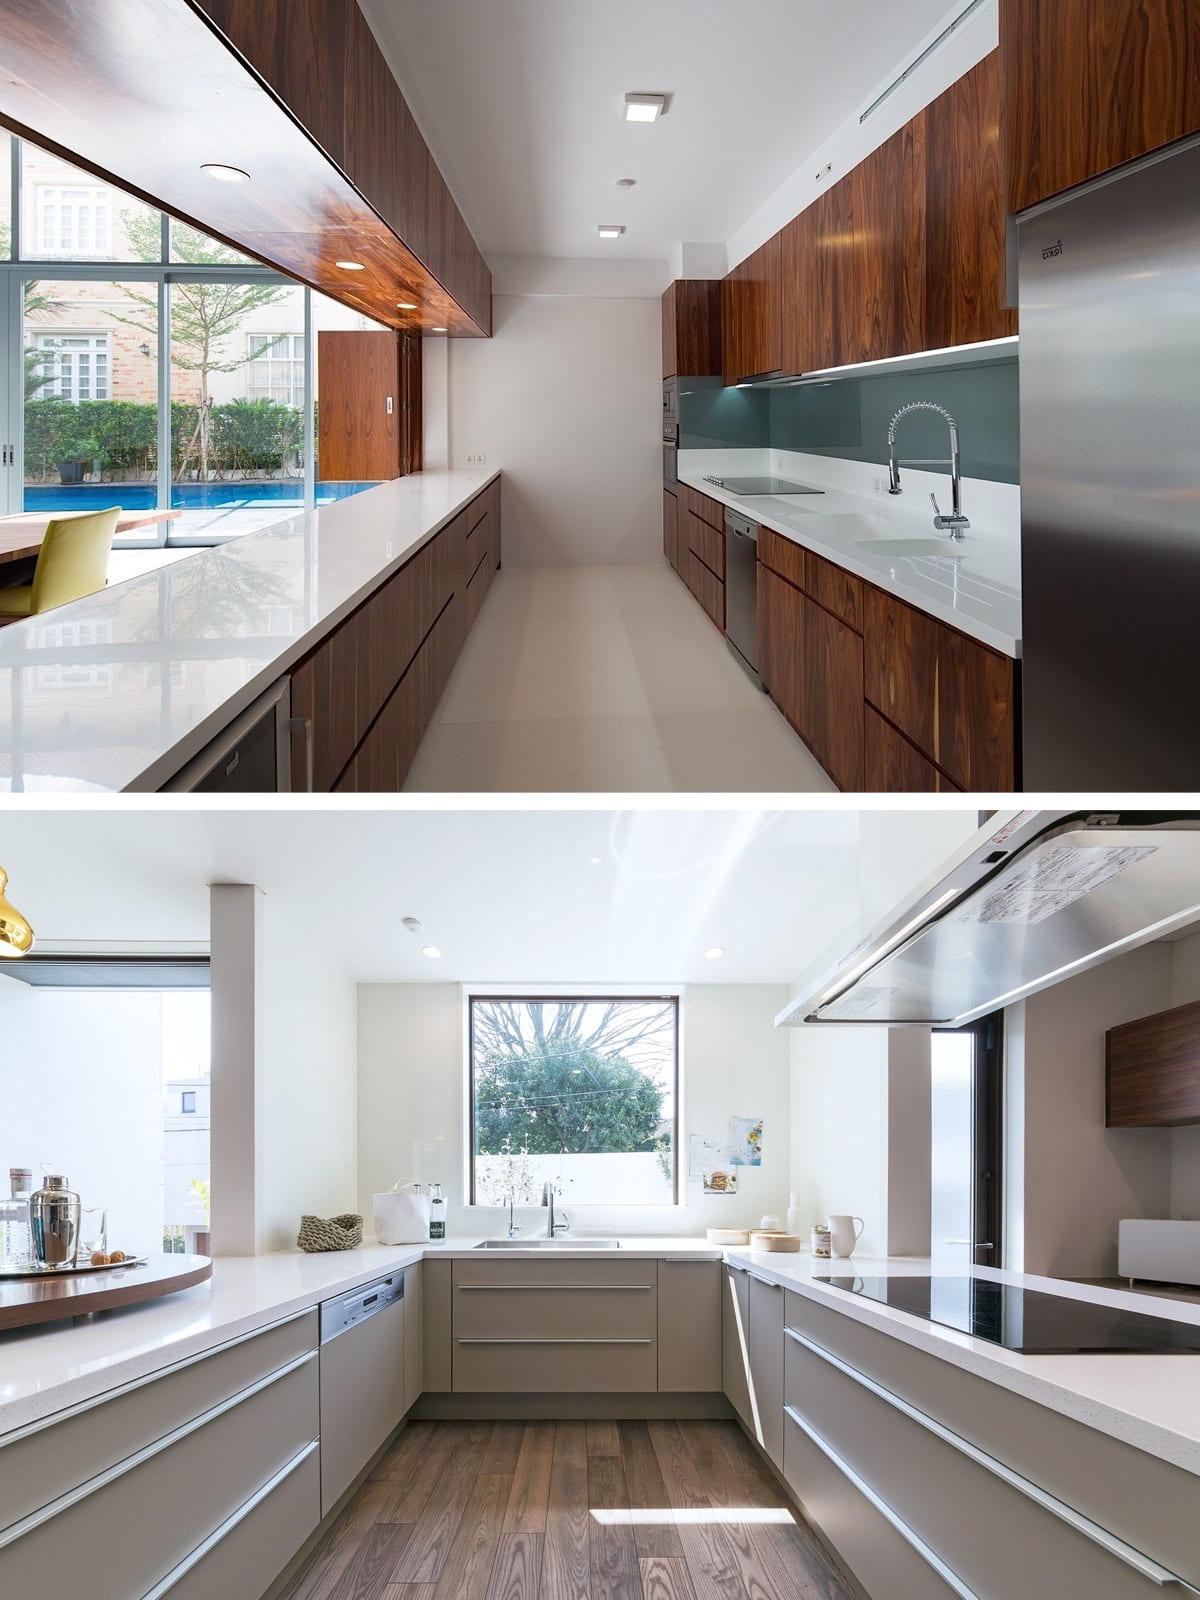 Les façades de meubles pour la cuisine, dont la couleur, le motif et la texture sont intéressants, peuvent devenir un accent lumineux de toute la pièce.